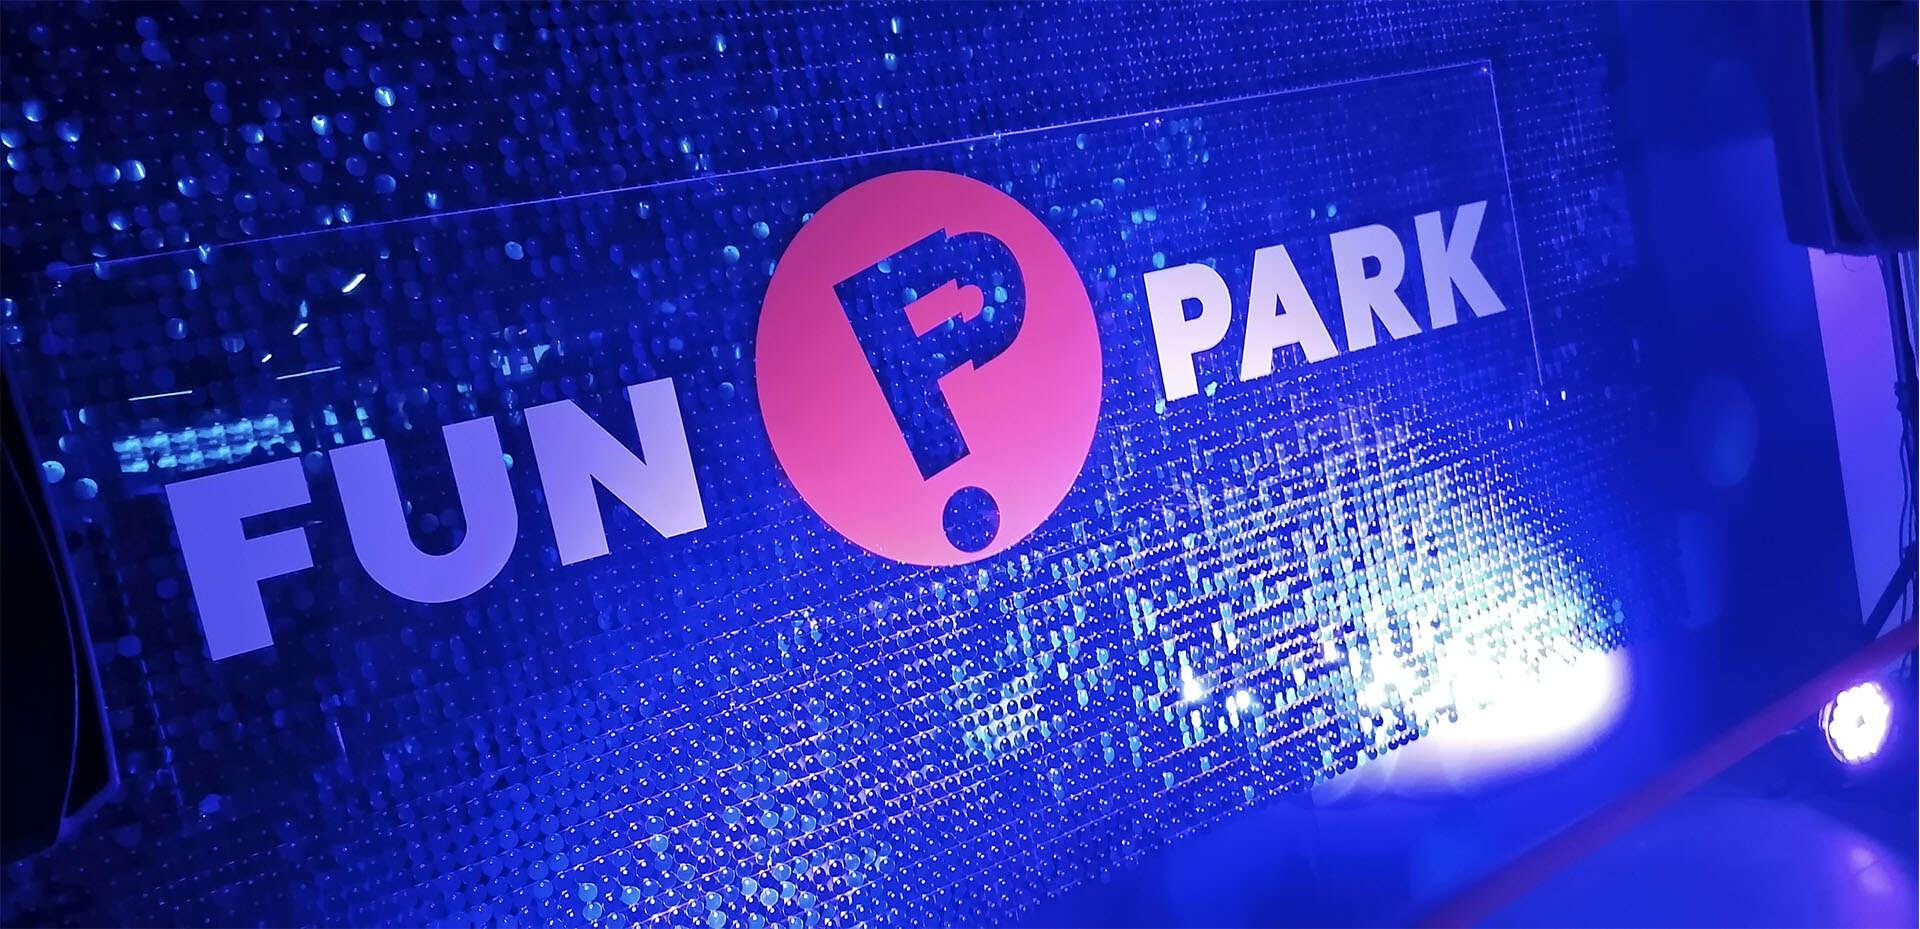 Fun Park логотип, интерьерная вывеска